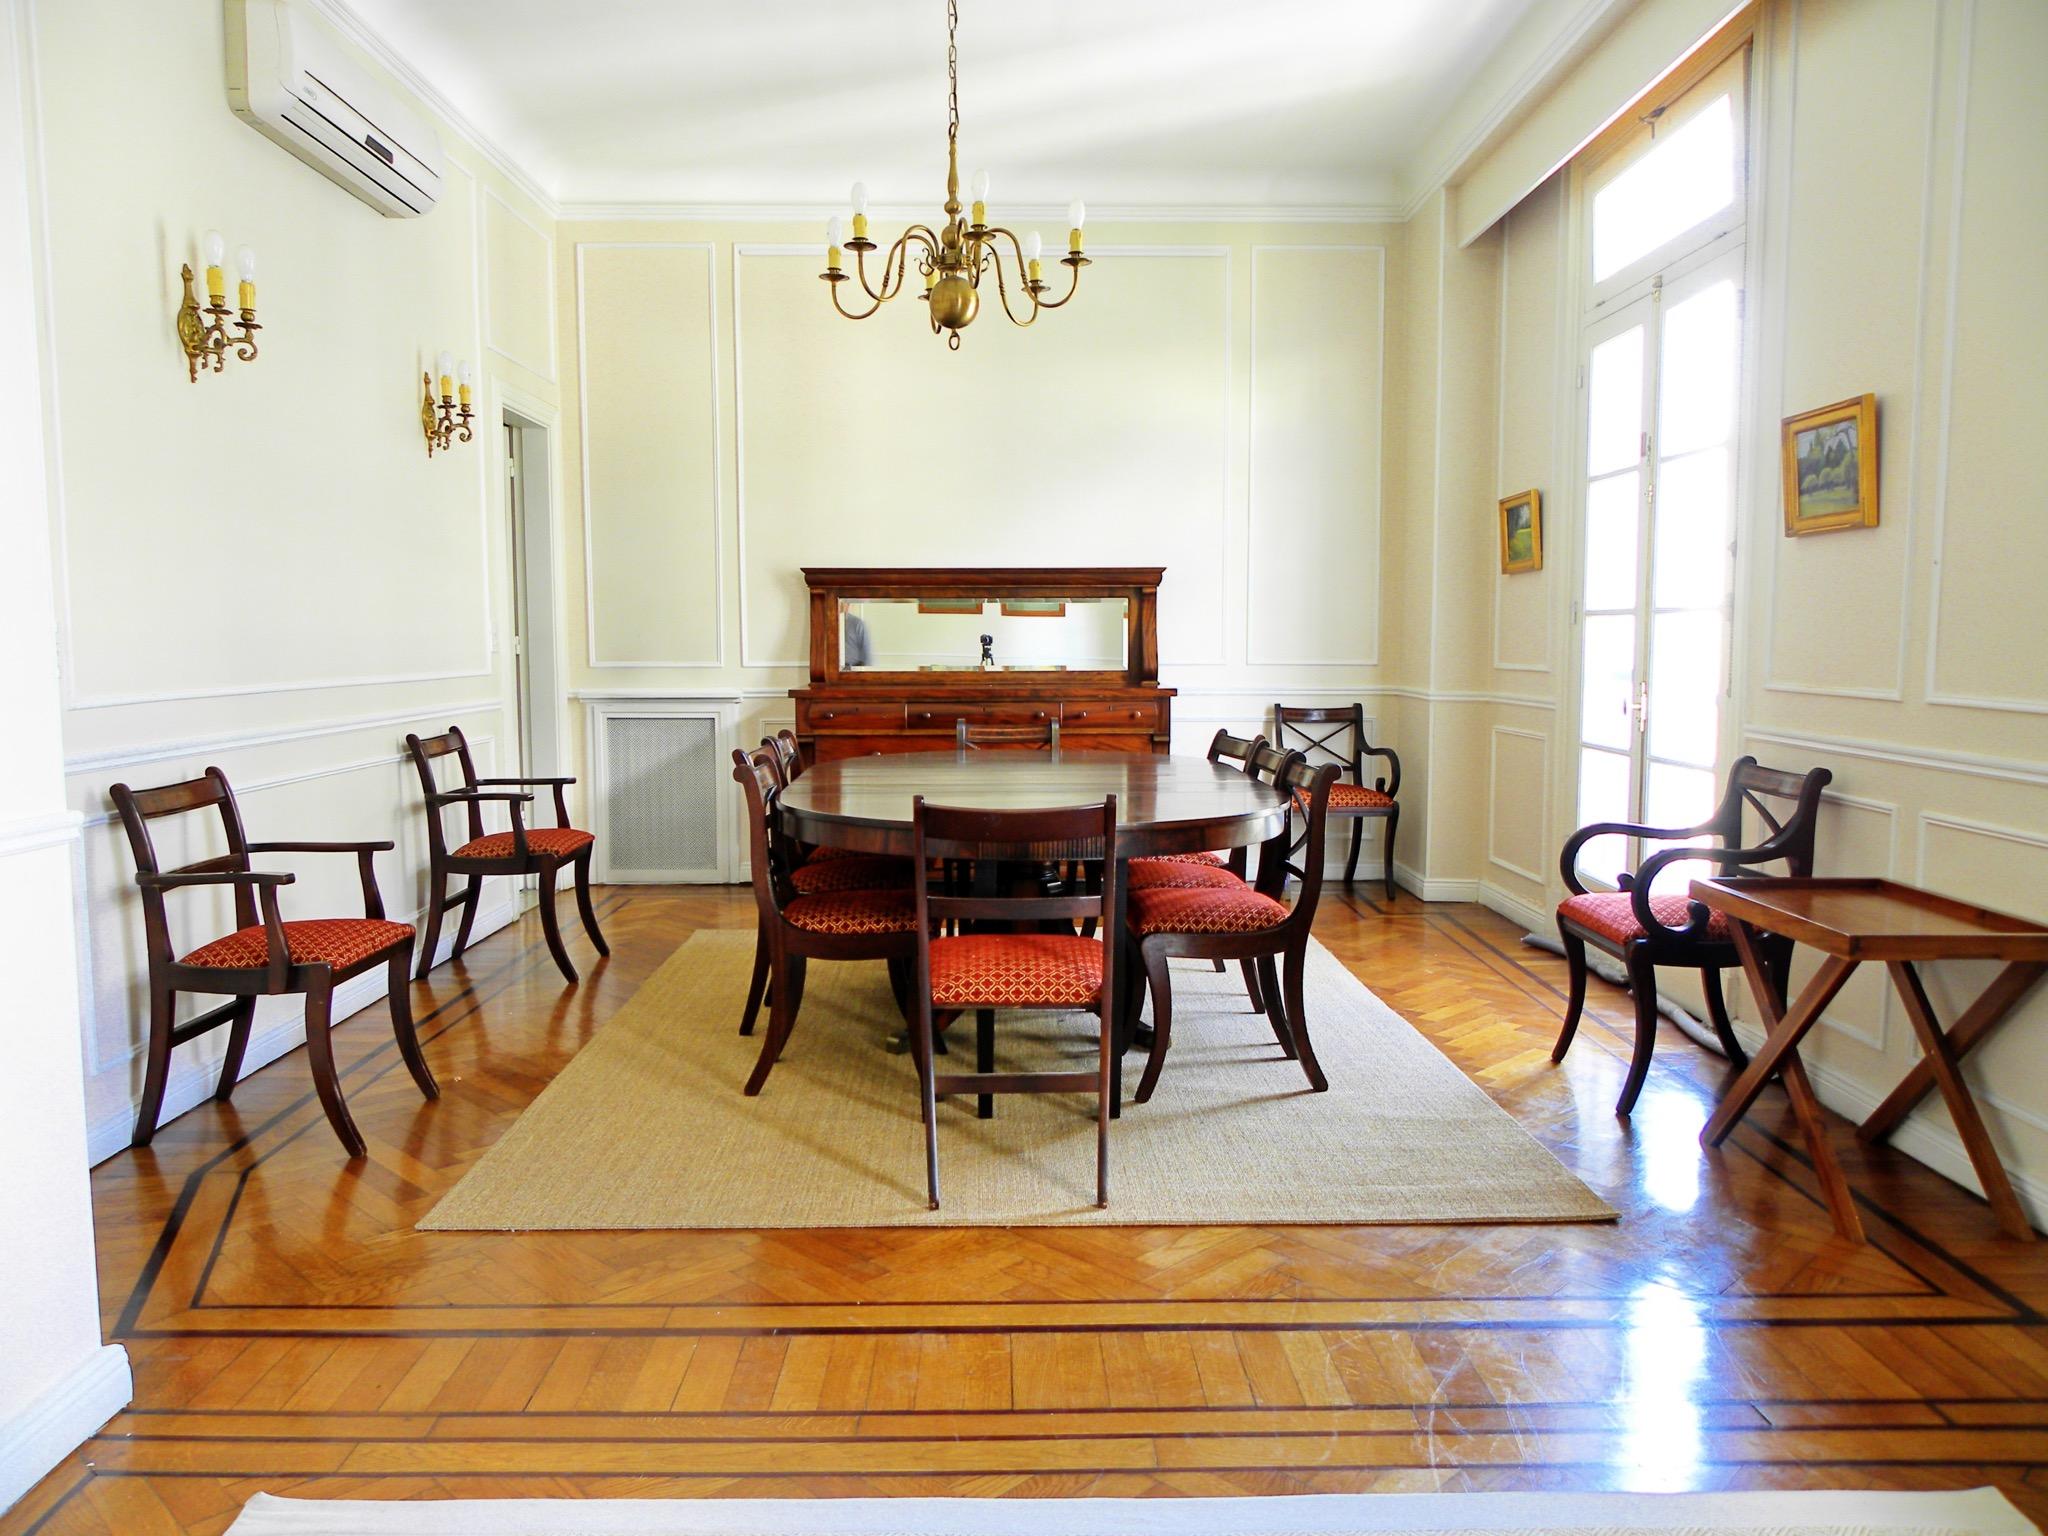 Property Of Excelente propiedad para alquilar temporariamente